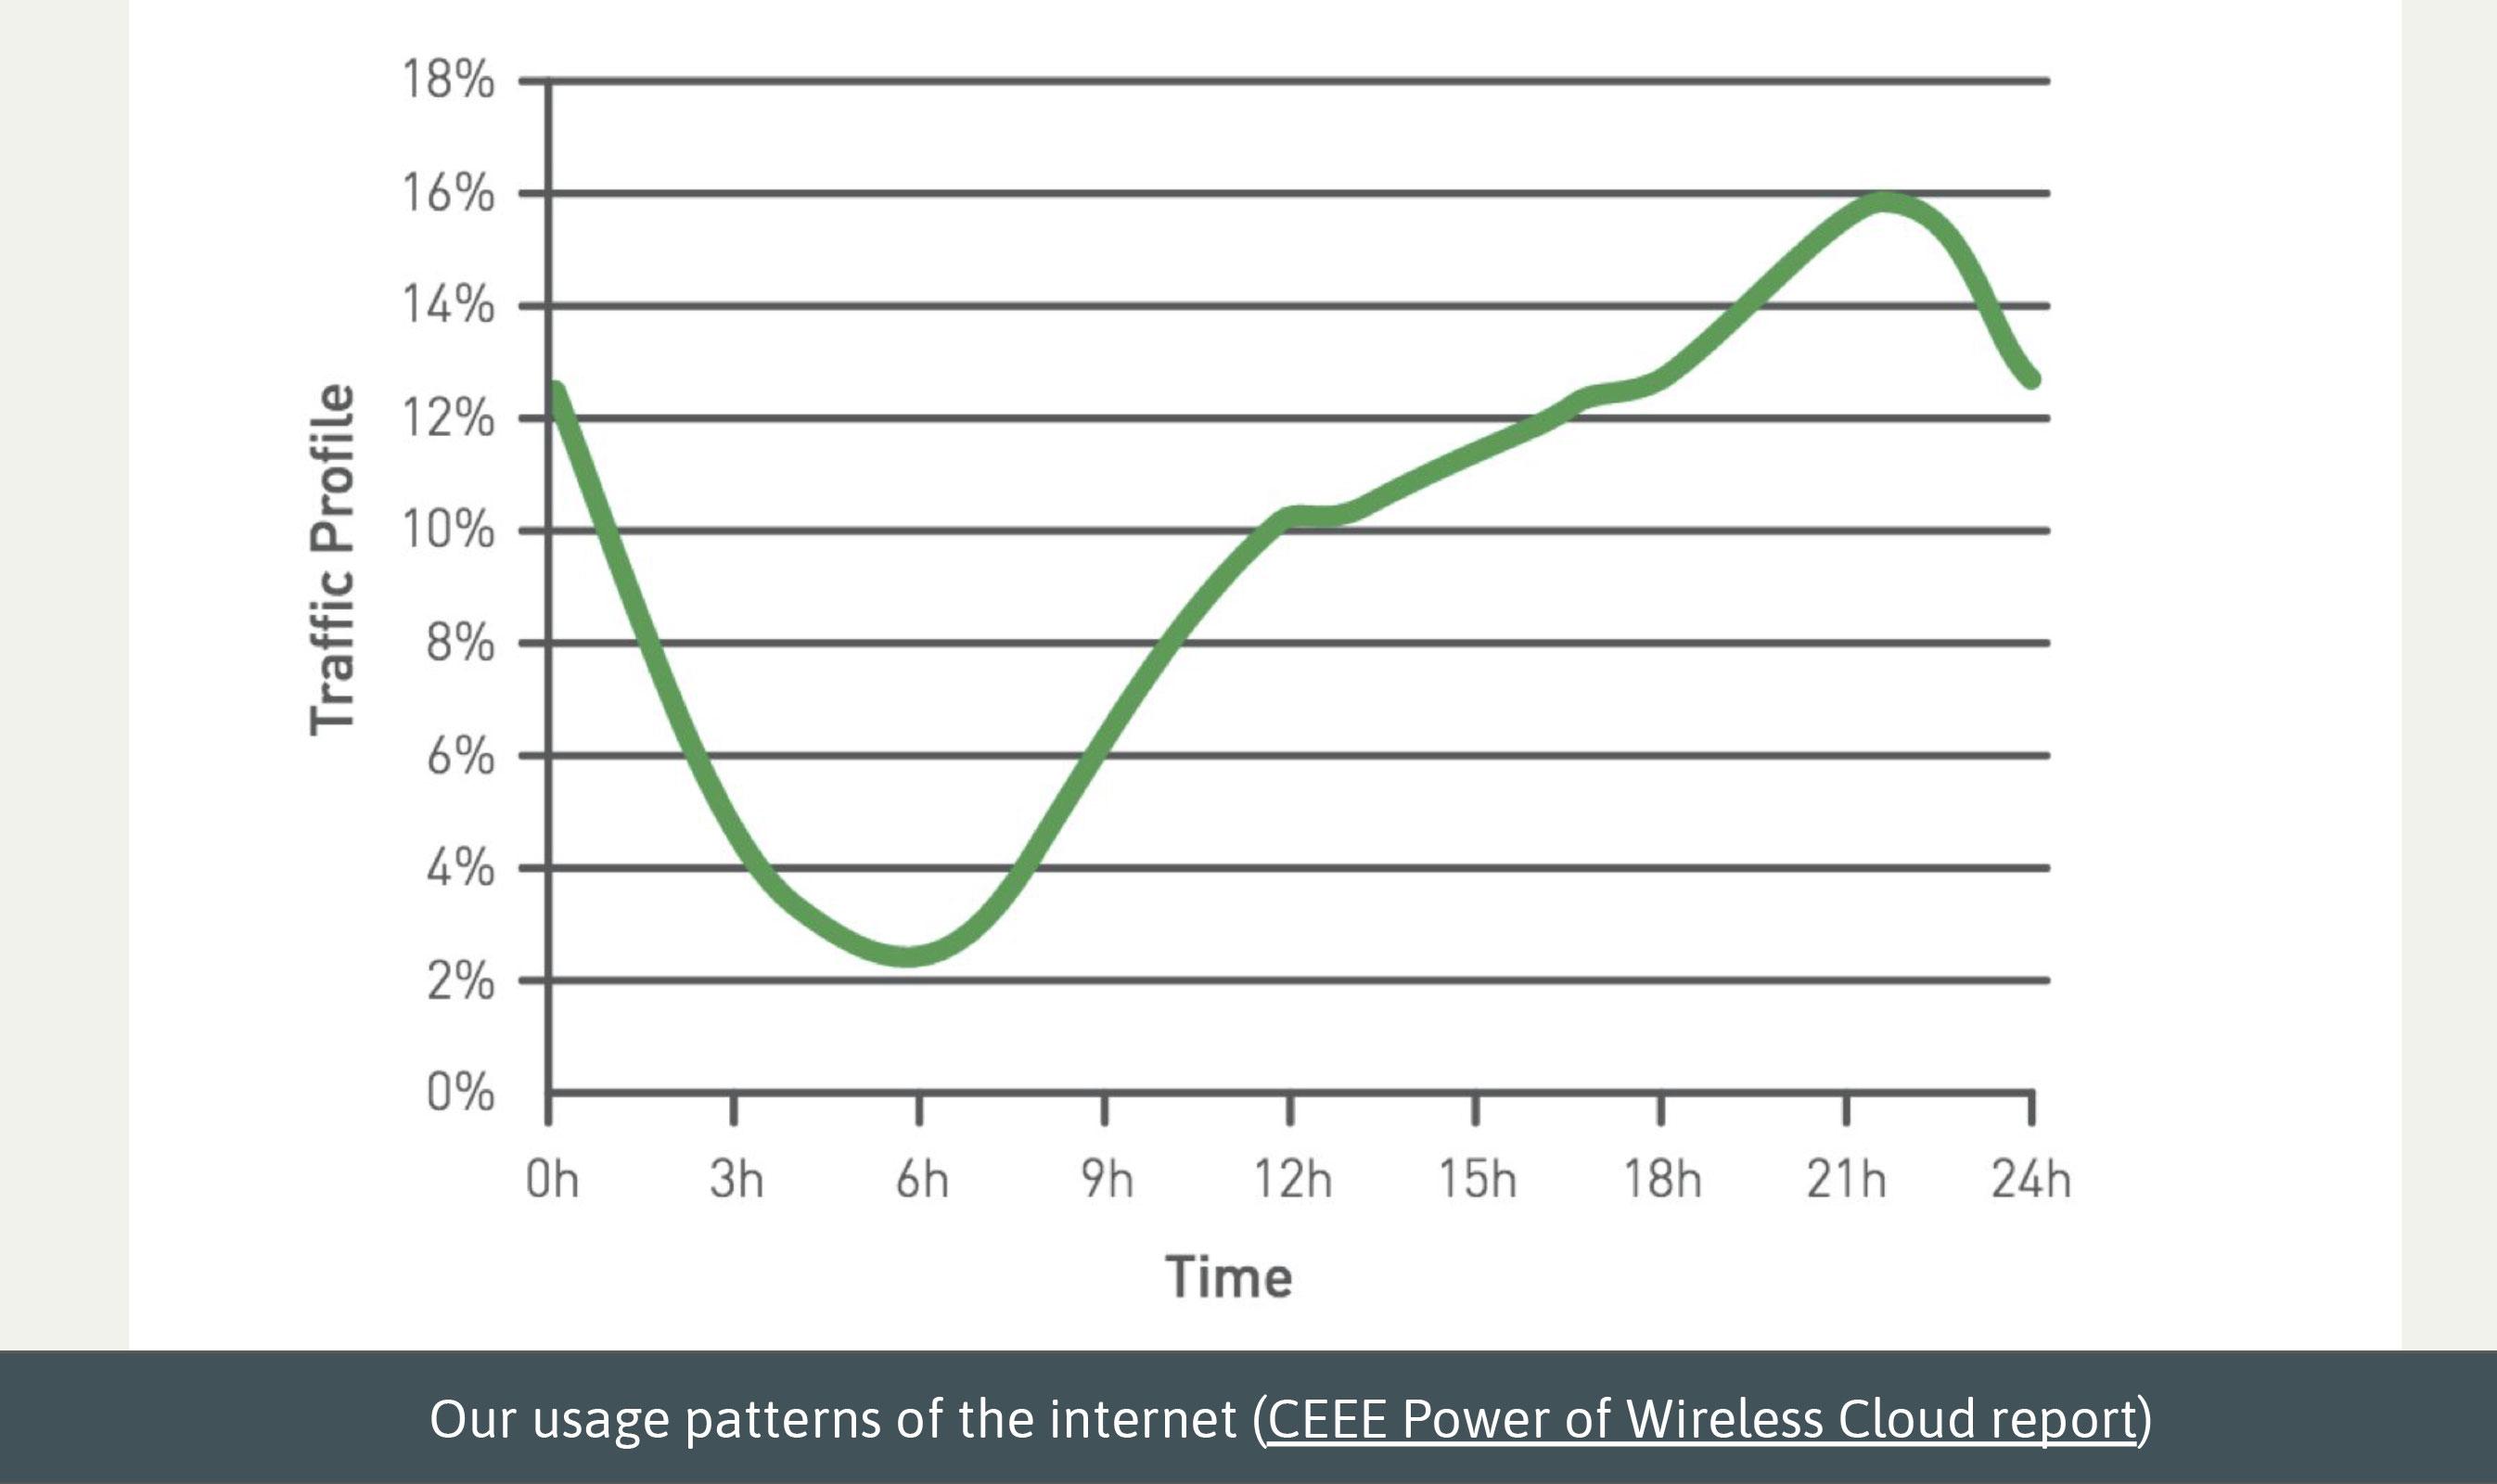 日常互联网流量的典型分布